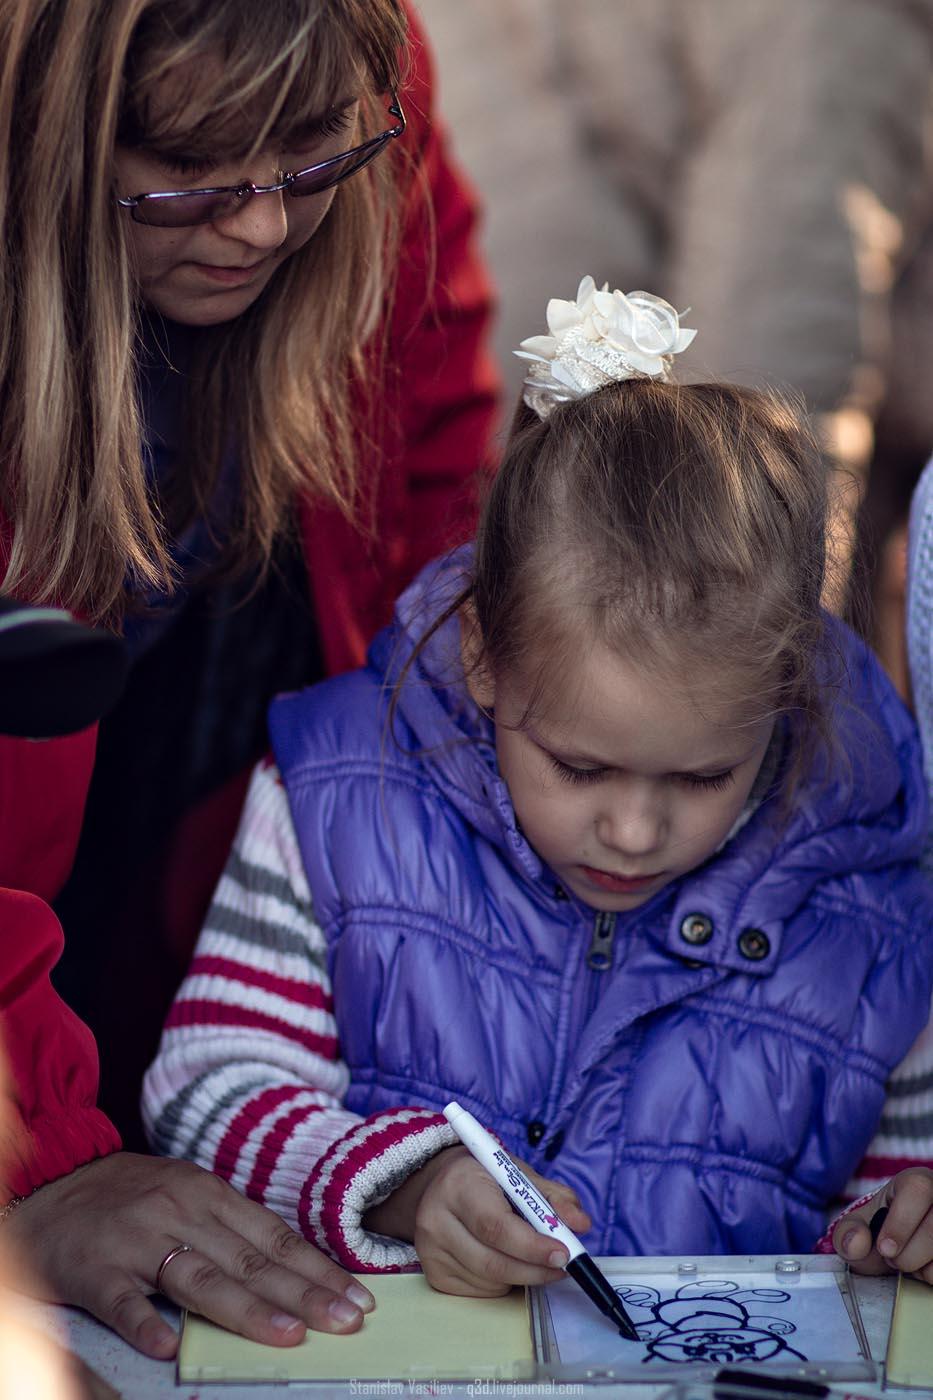 День города - Москва - 2013 - #022